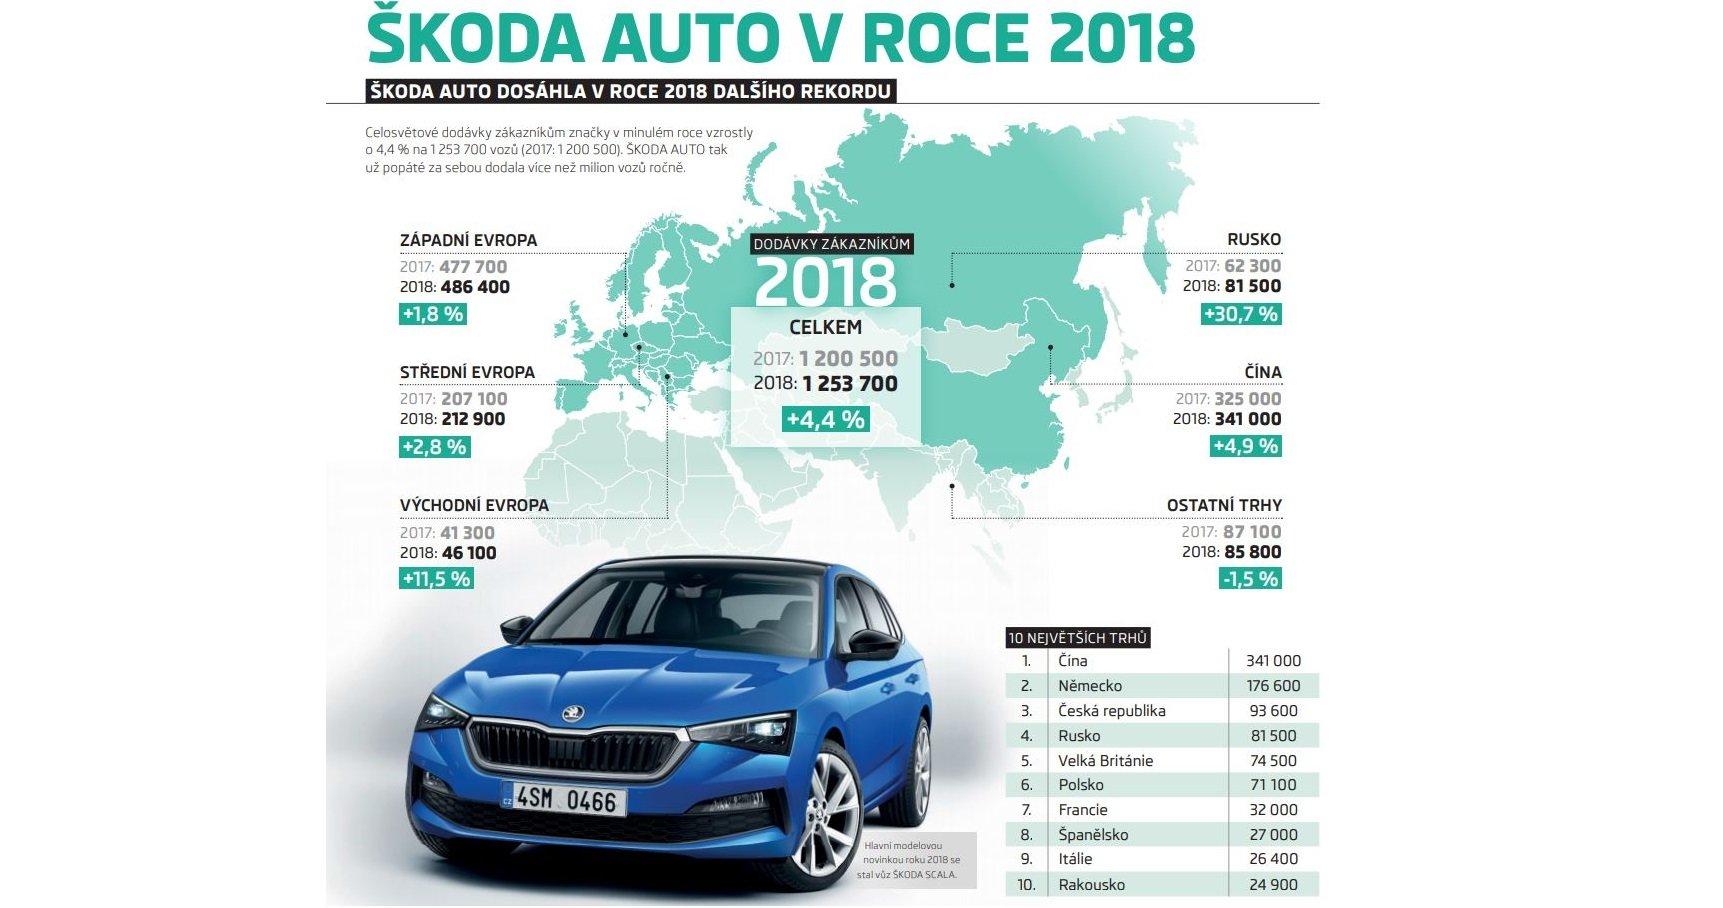 Škoda Auto v roce 2018